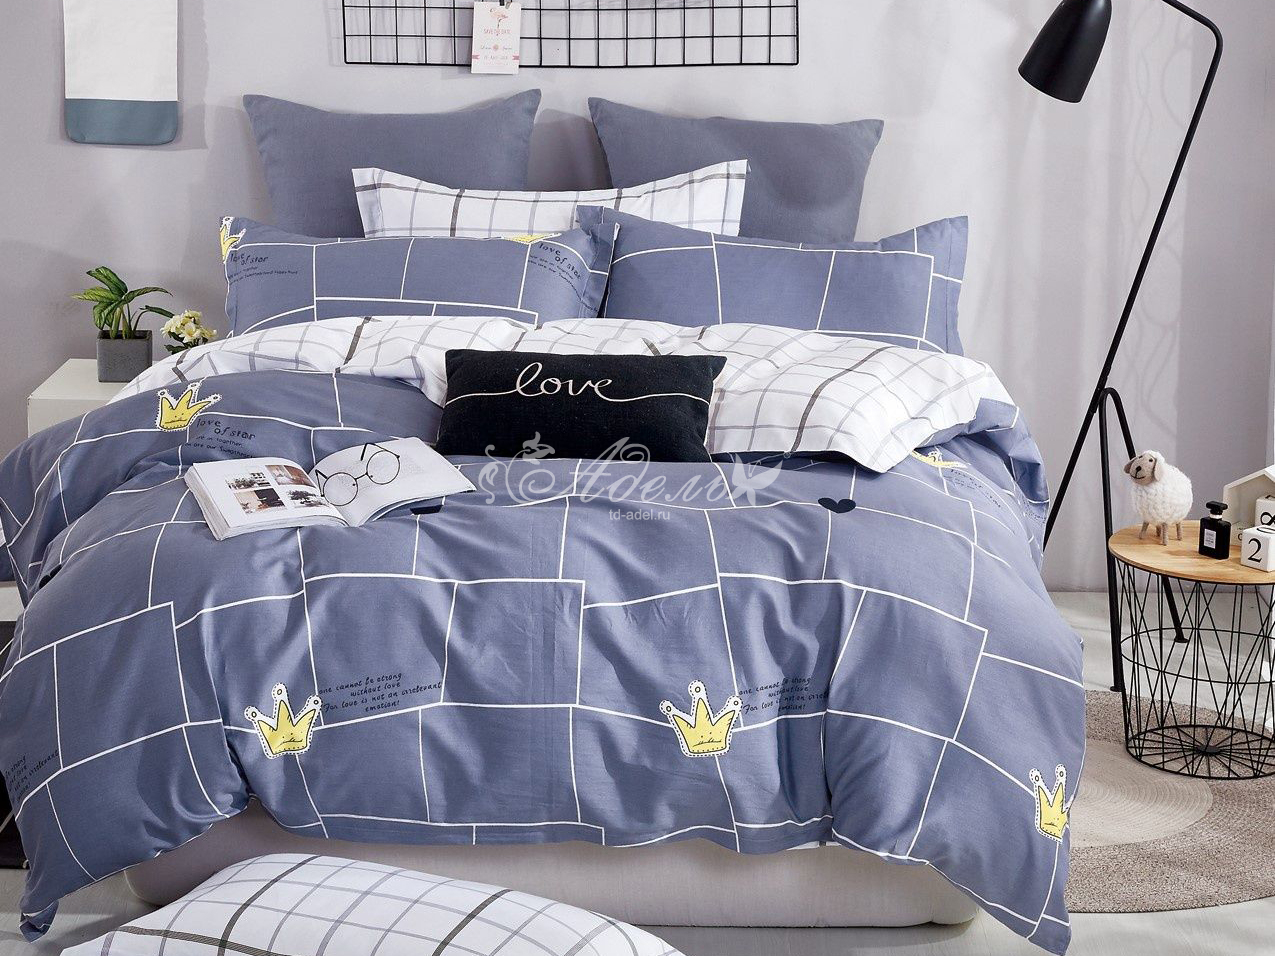 Фото - Постельное белье iv77207 (сатин) (1,5 спальный) постельное белье iv69054 сатин 1 5 спальный